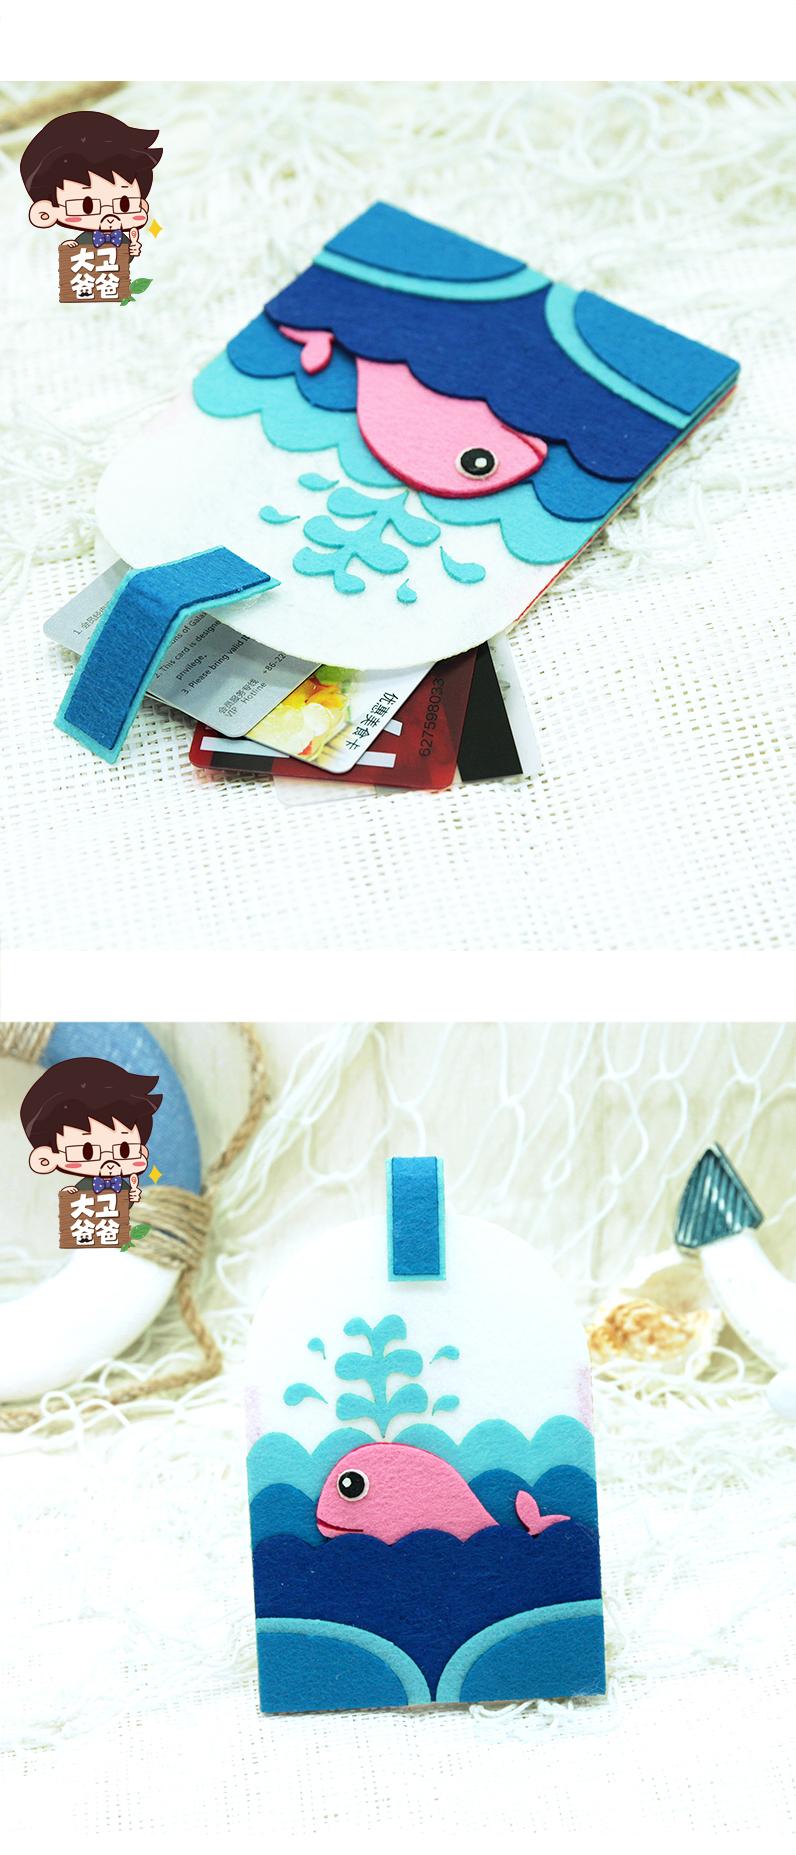 免裁剪不织布 海洋钥匙包儿童手工制作diy材料包幼儿